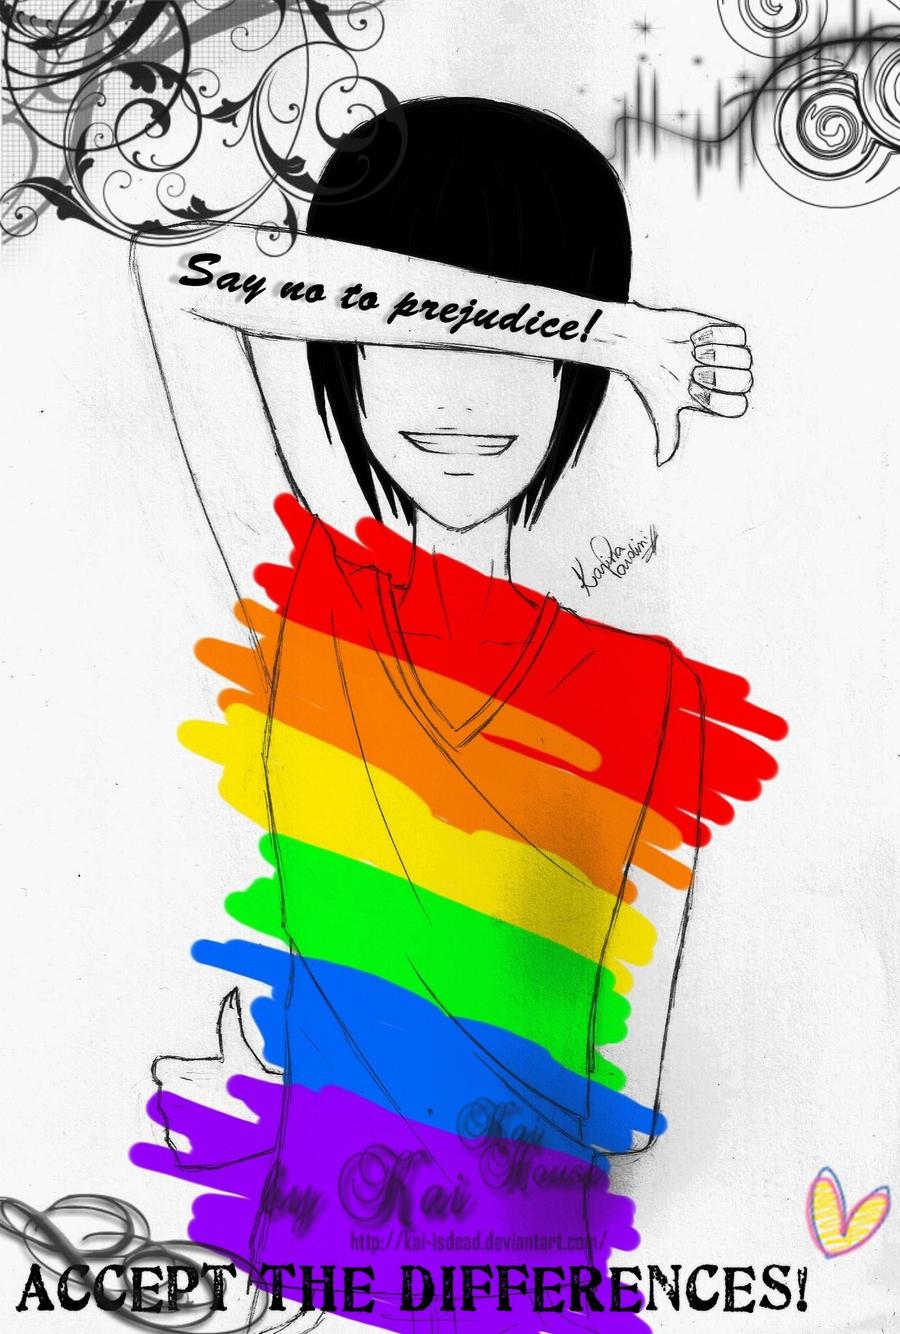 SAY NO TO PREJUDICE